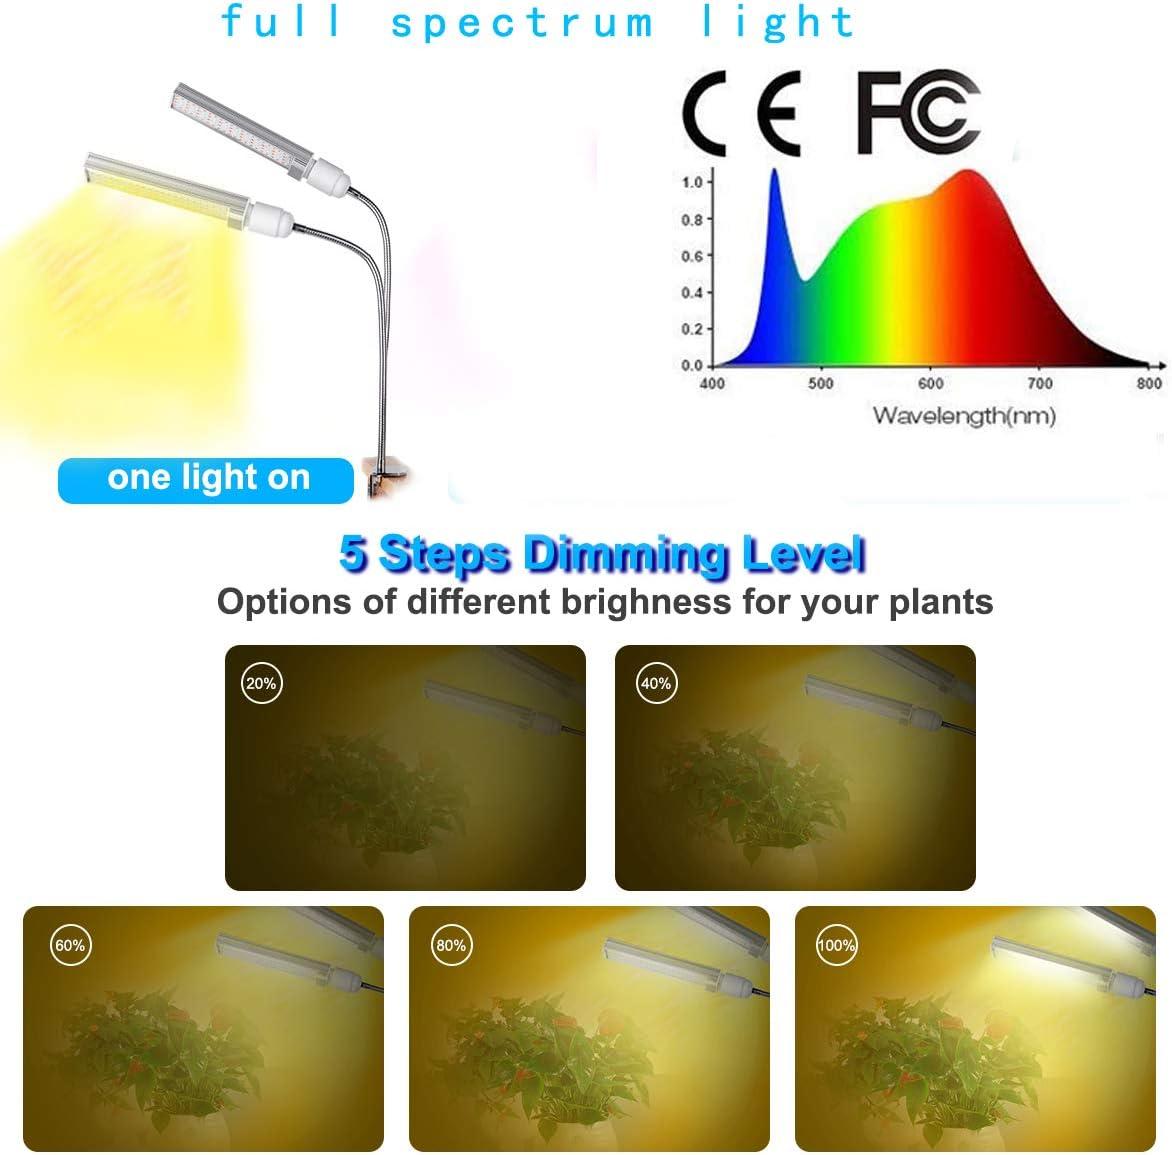 MFEI Lampes de Culture /à LED pour Plantes dint/érieur Ampoule /à intensit/é Variable pour syst/ème Solaire /à Spectre Complet de 100 W 176 LED pour semis Fruit en Fleurs Prise USB pour Fruits